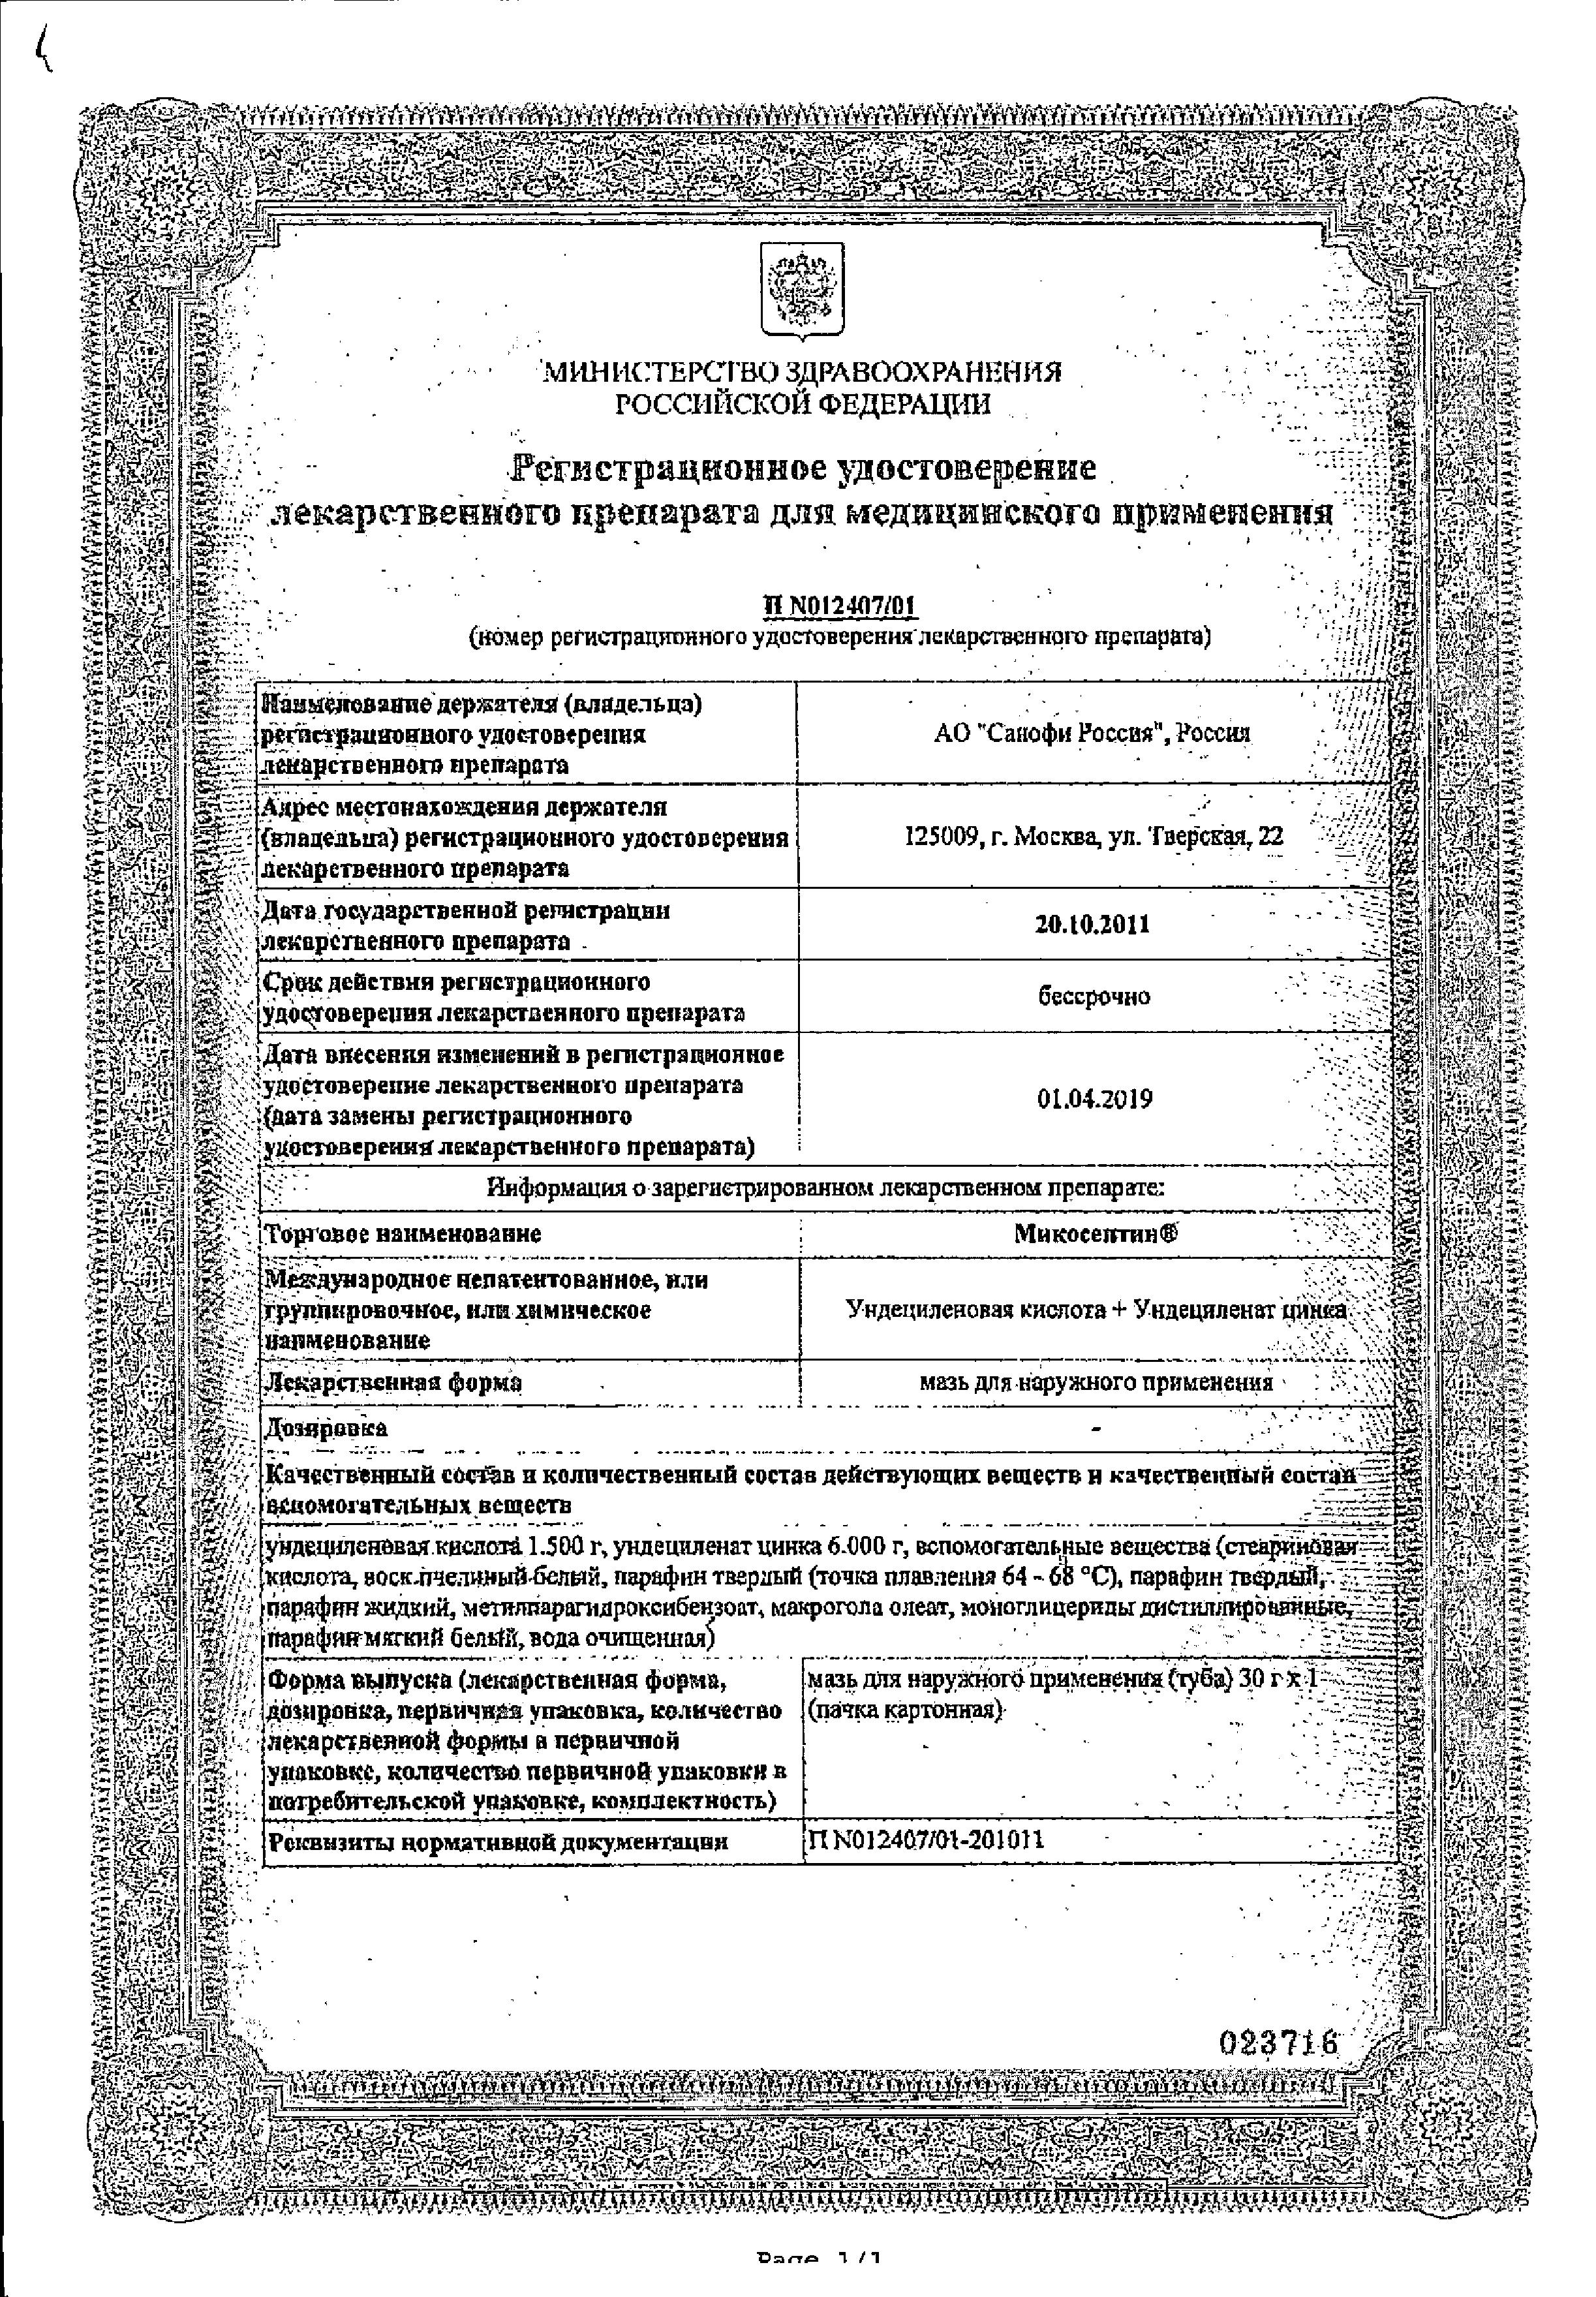 Микосептин сертификат